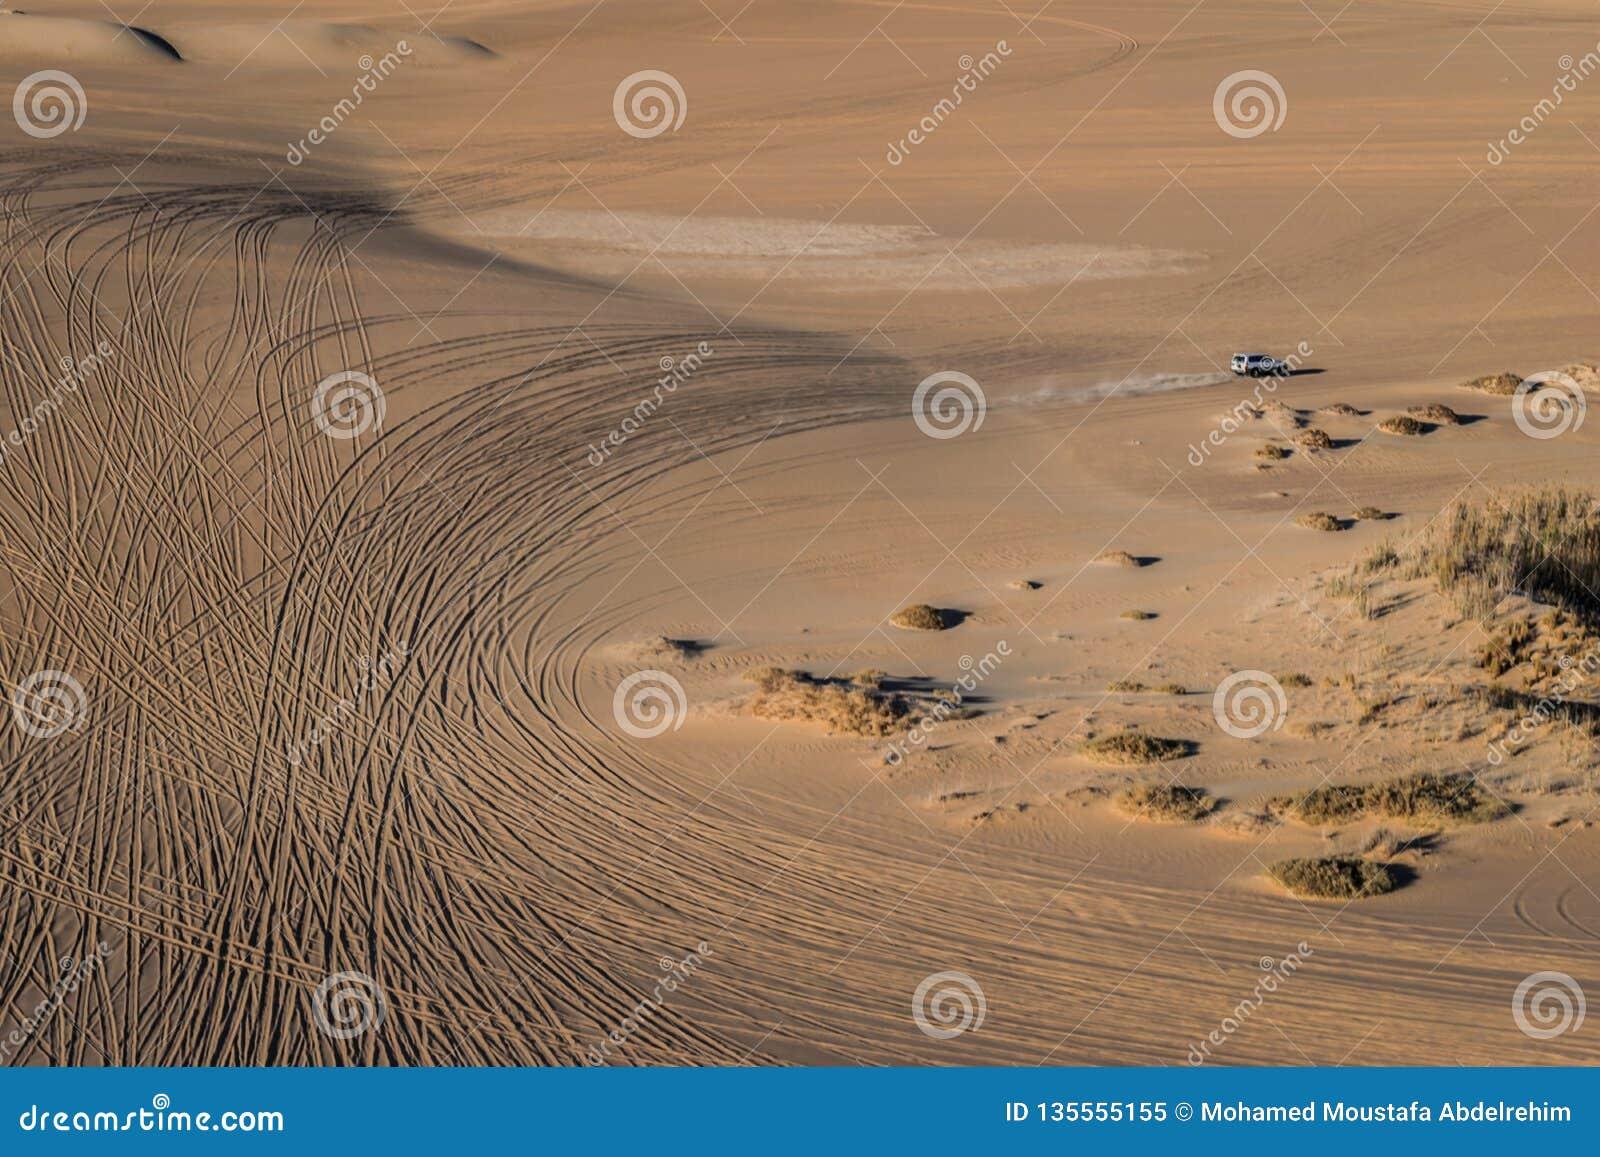 Safarireis in Siwa-woestijn, Egypte